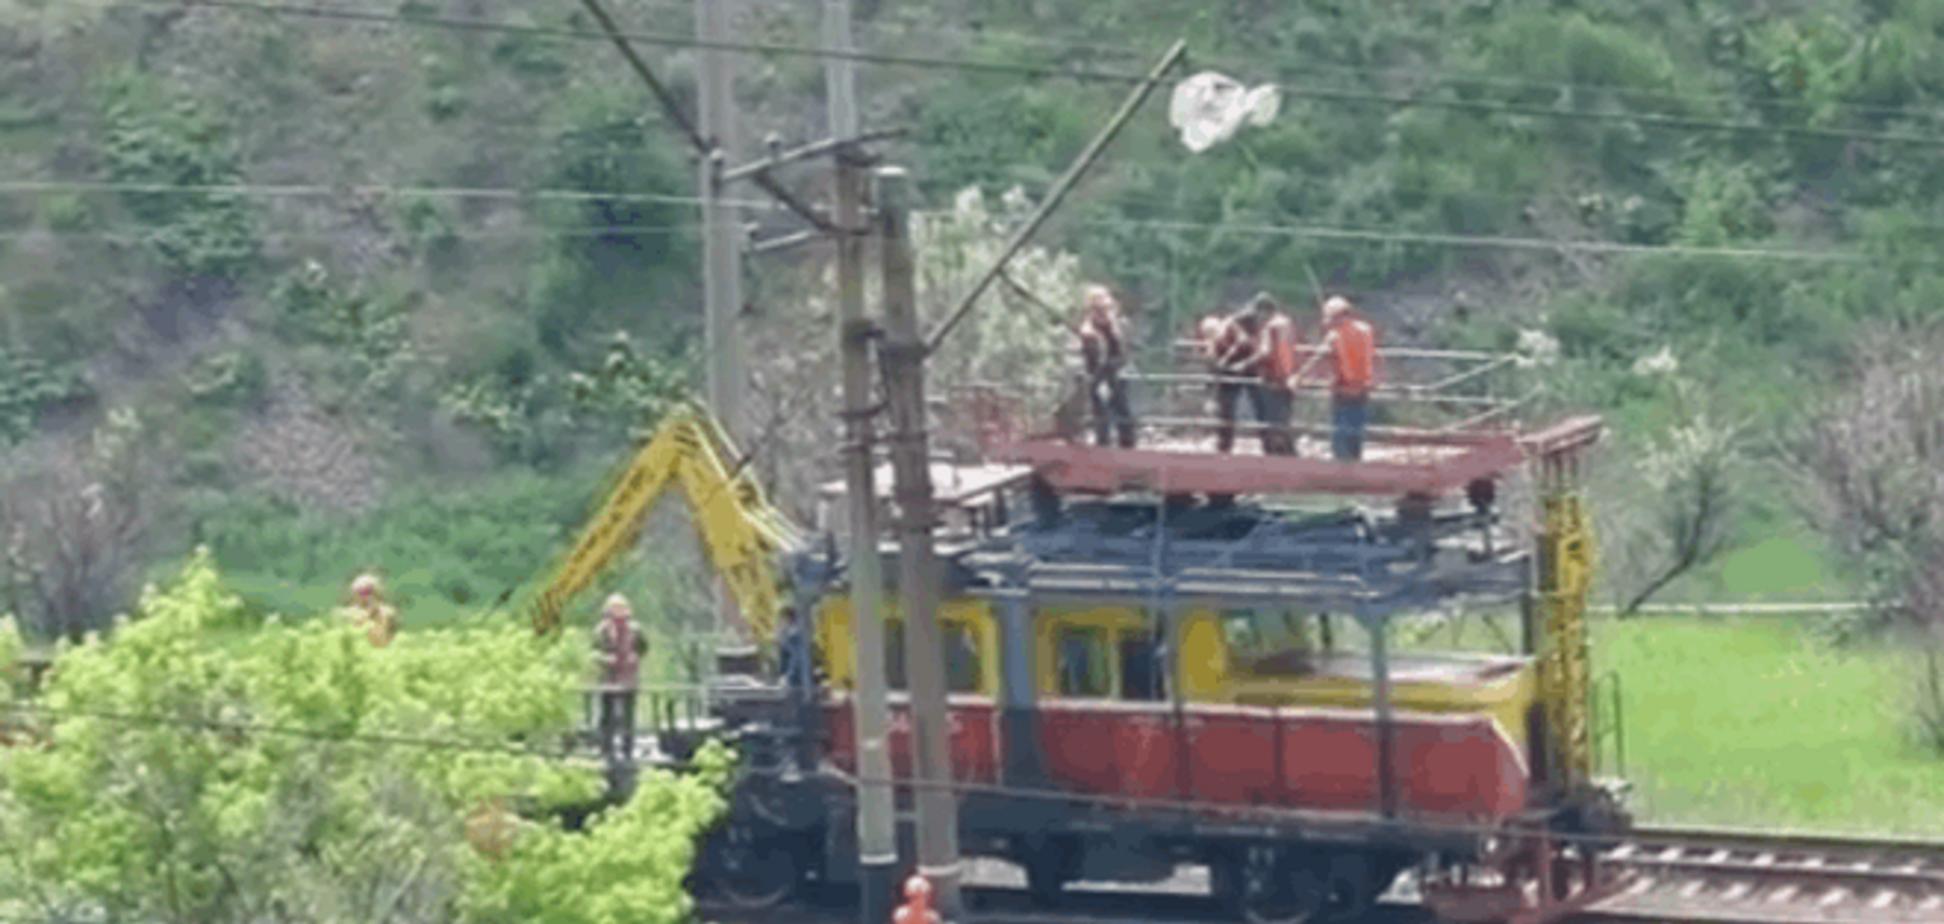 'Захарченко на особняк': в Горловке засняли, как оккупанты срезают провода над железной дорогой